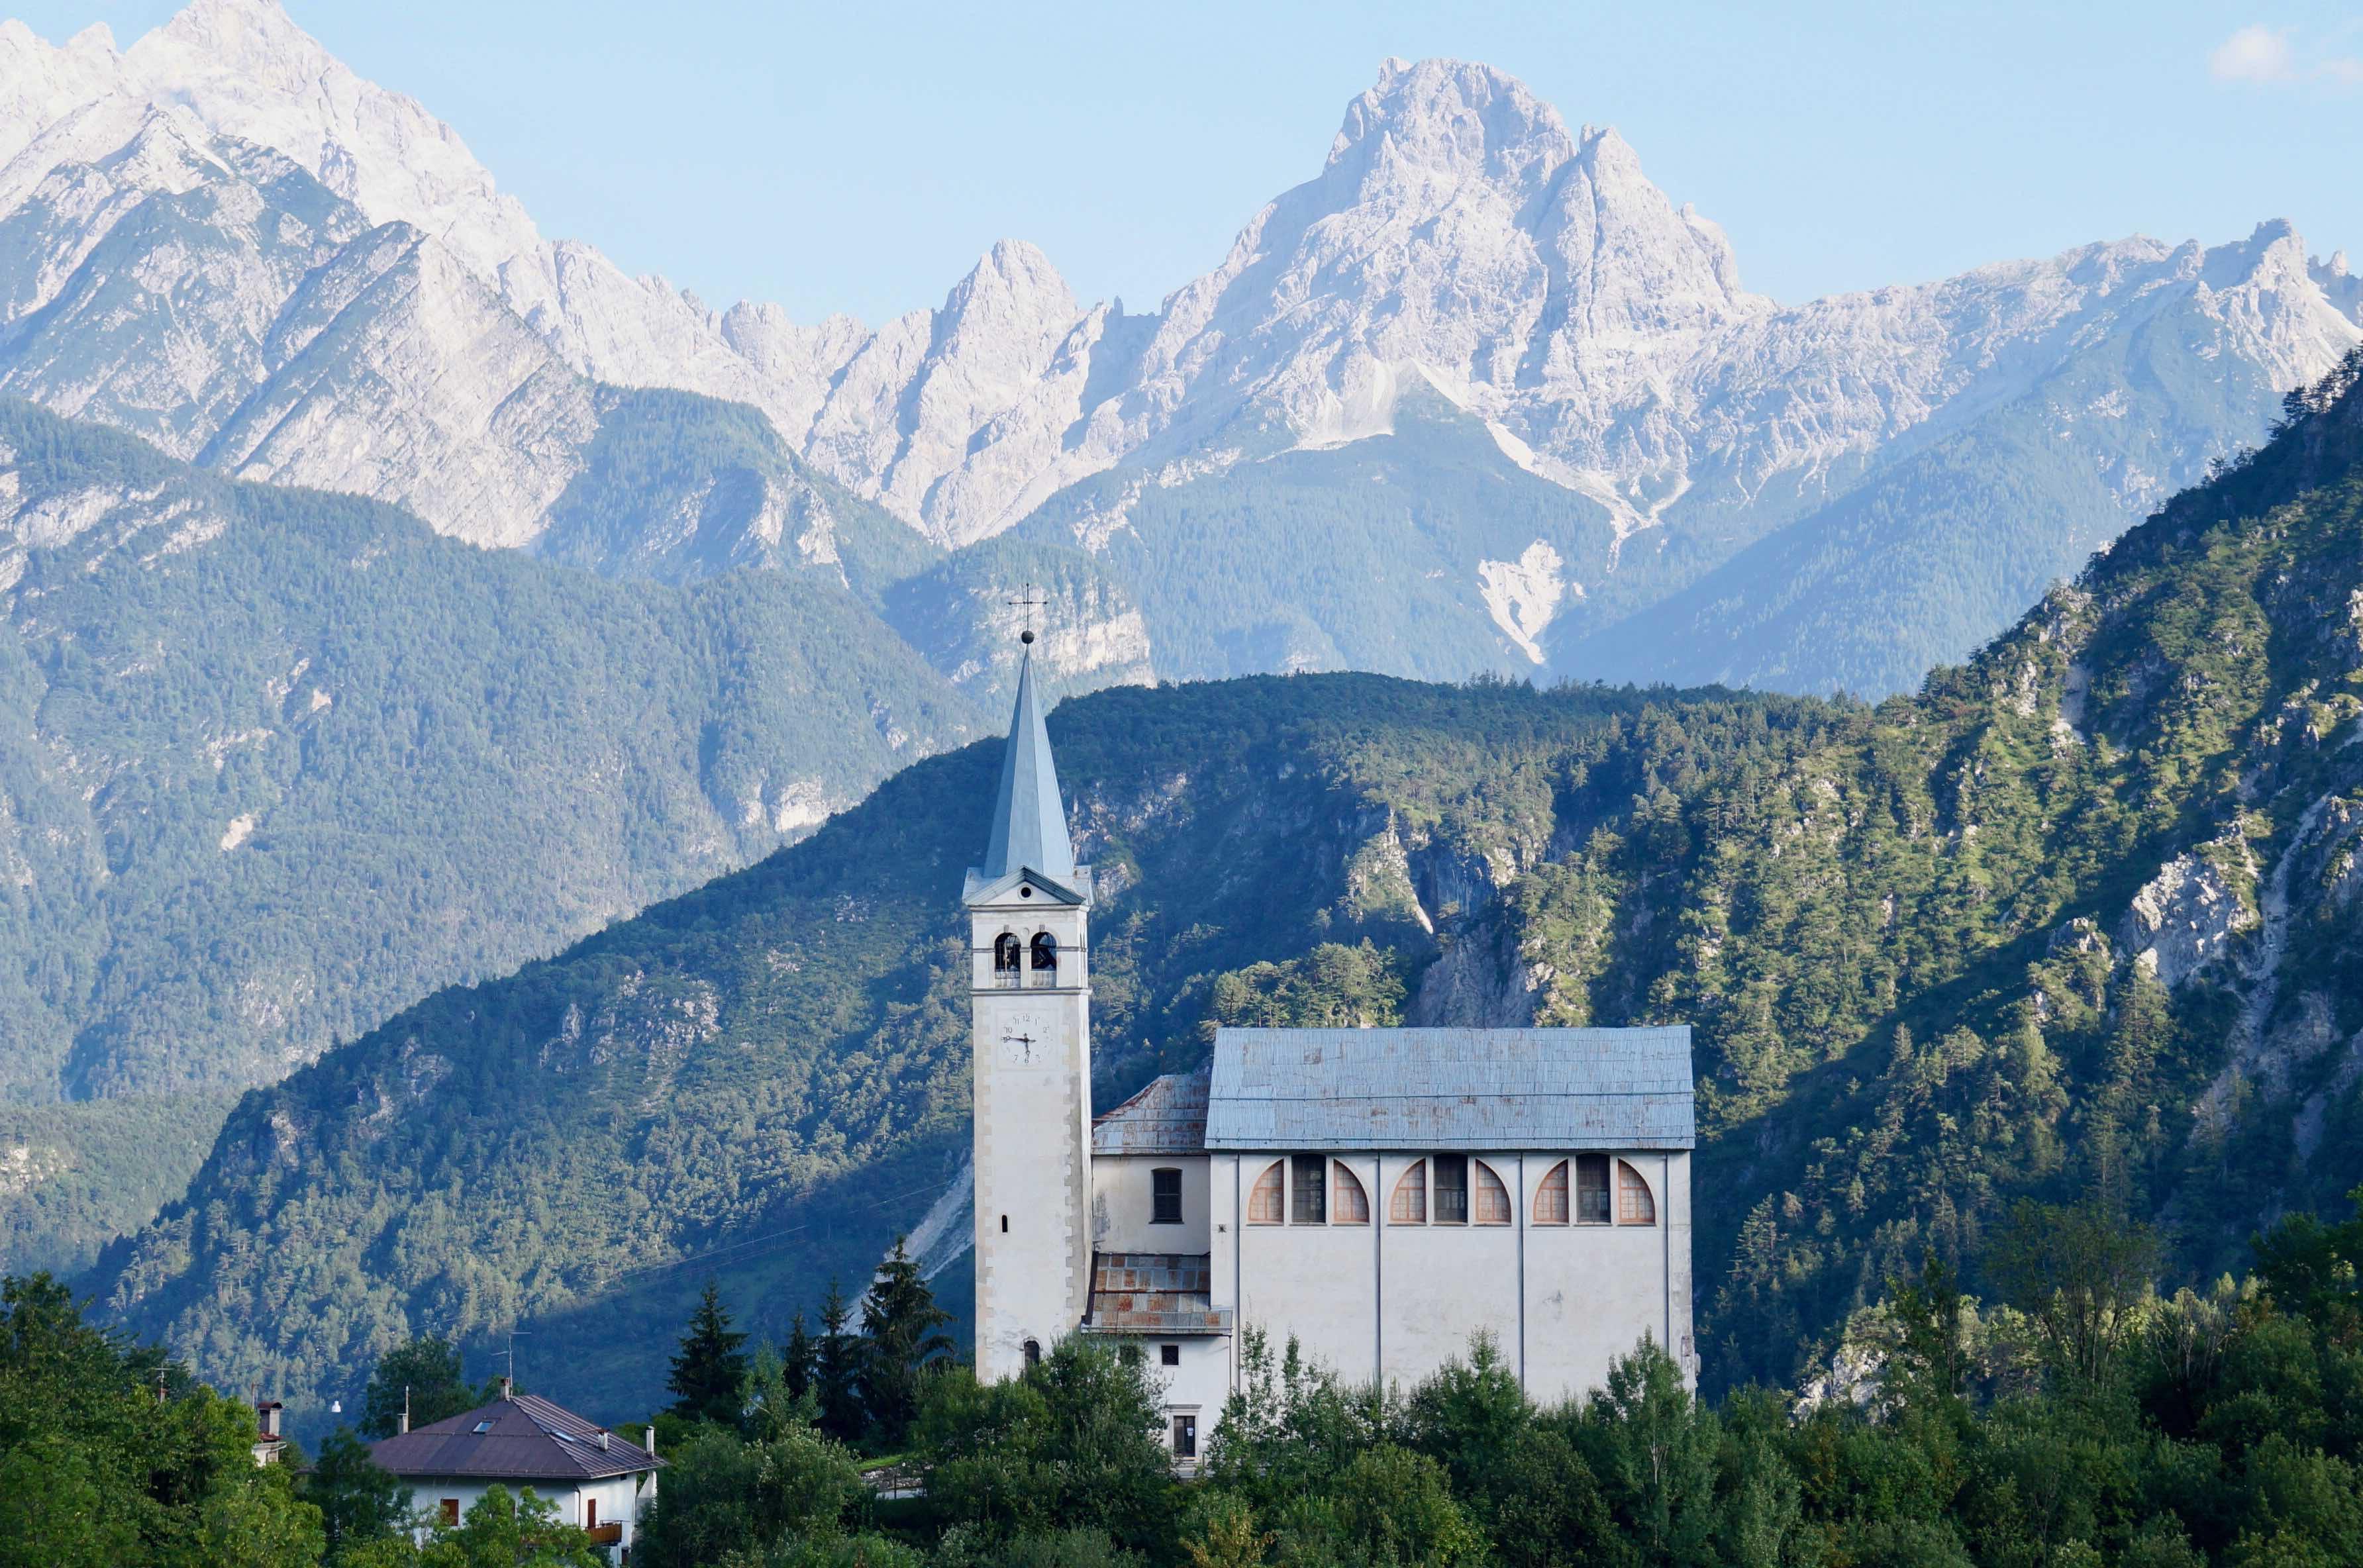 Eglise San Martino, dolomites, valle di cadore, italie